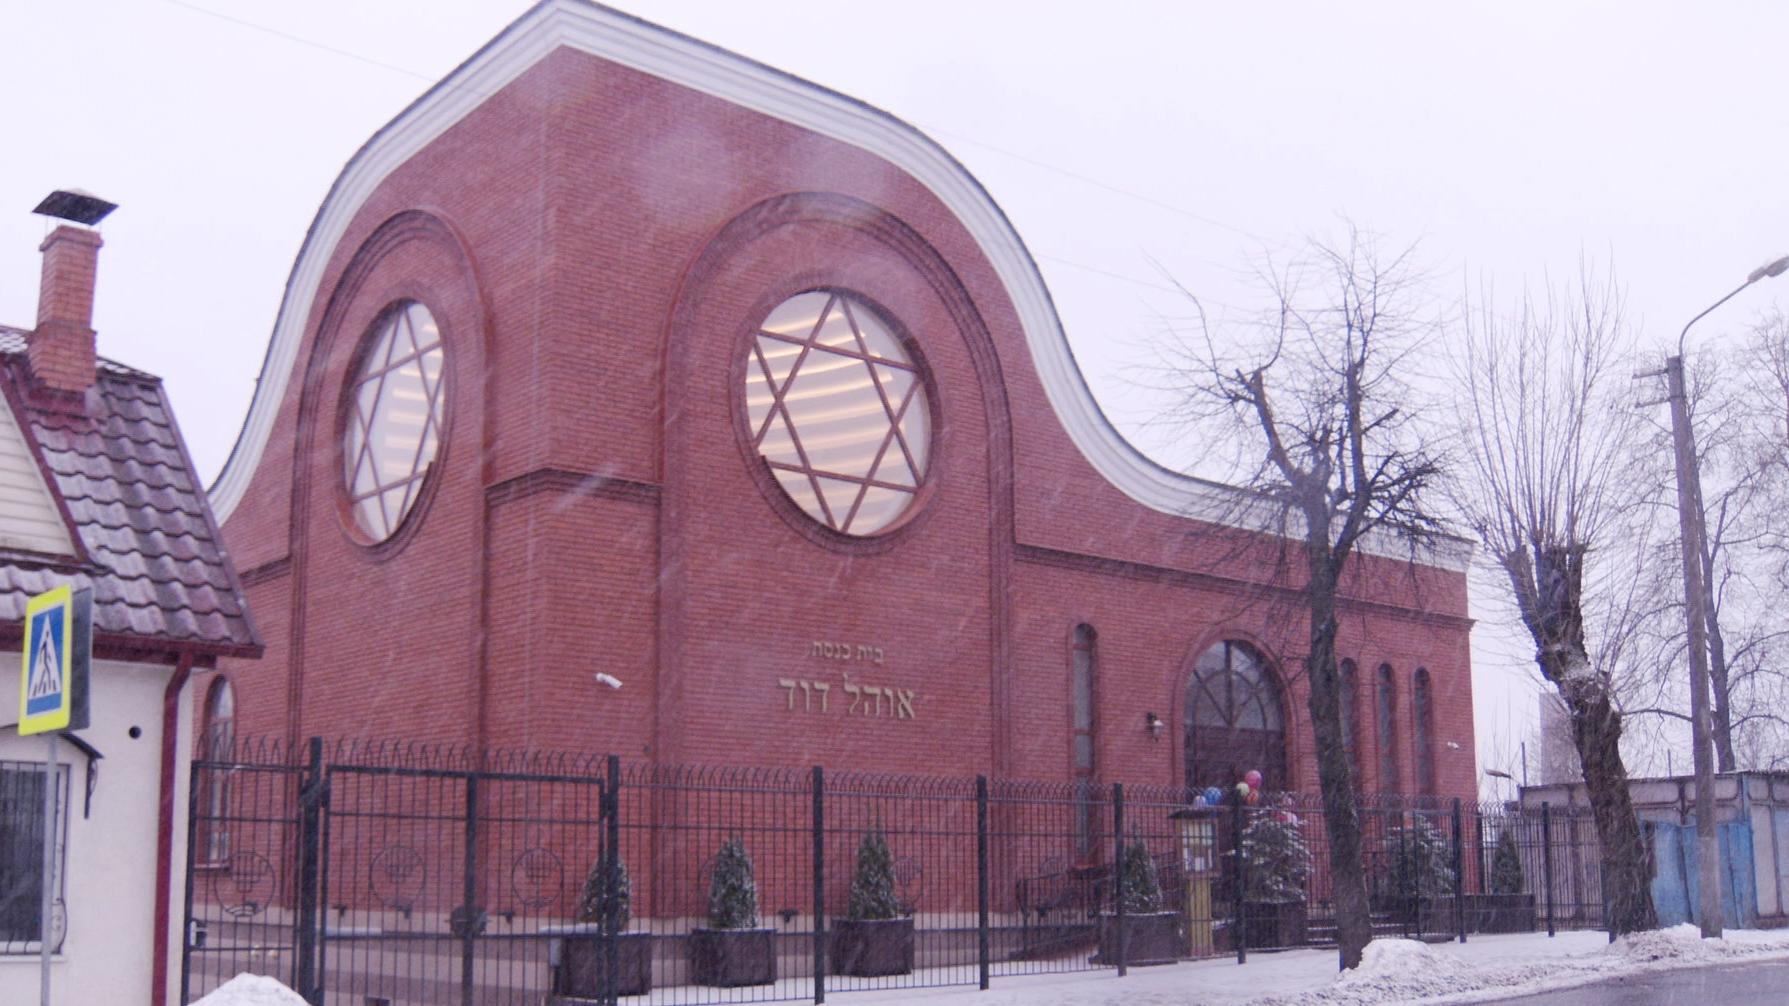 purim - Весёлый еврейский праздник Пурим отметили в Витебске (01.03.2021)